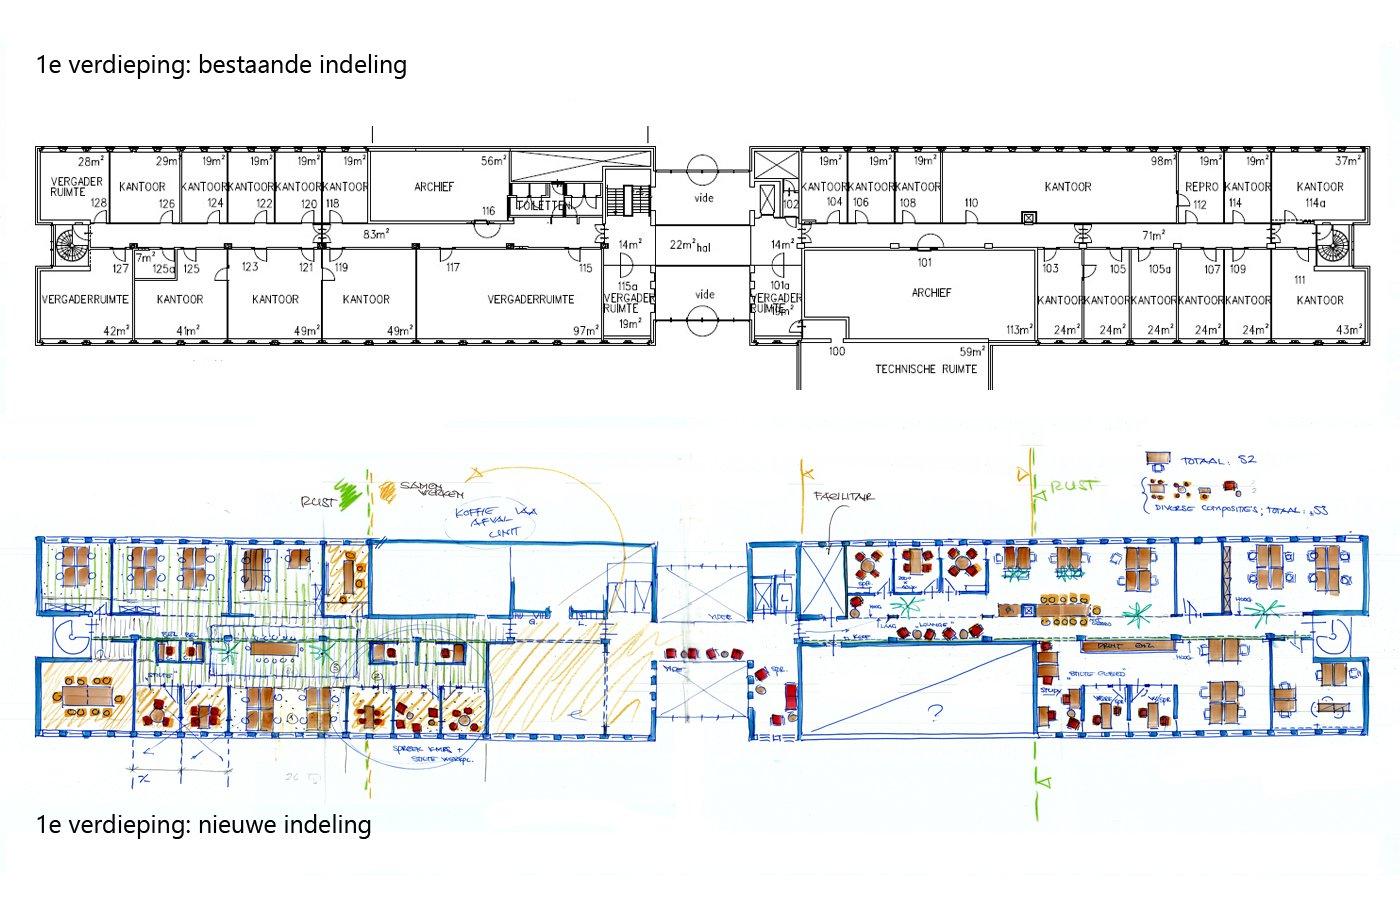 1e verdieping oud en nieuw